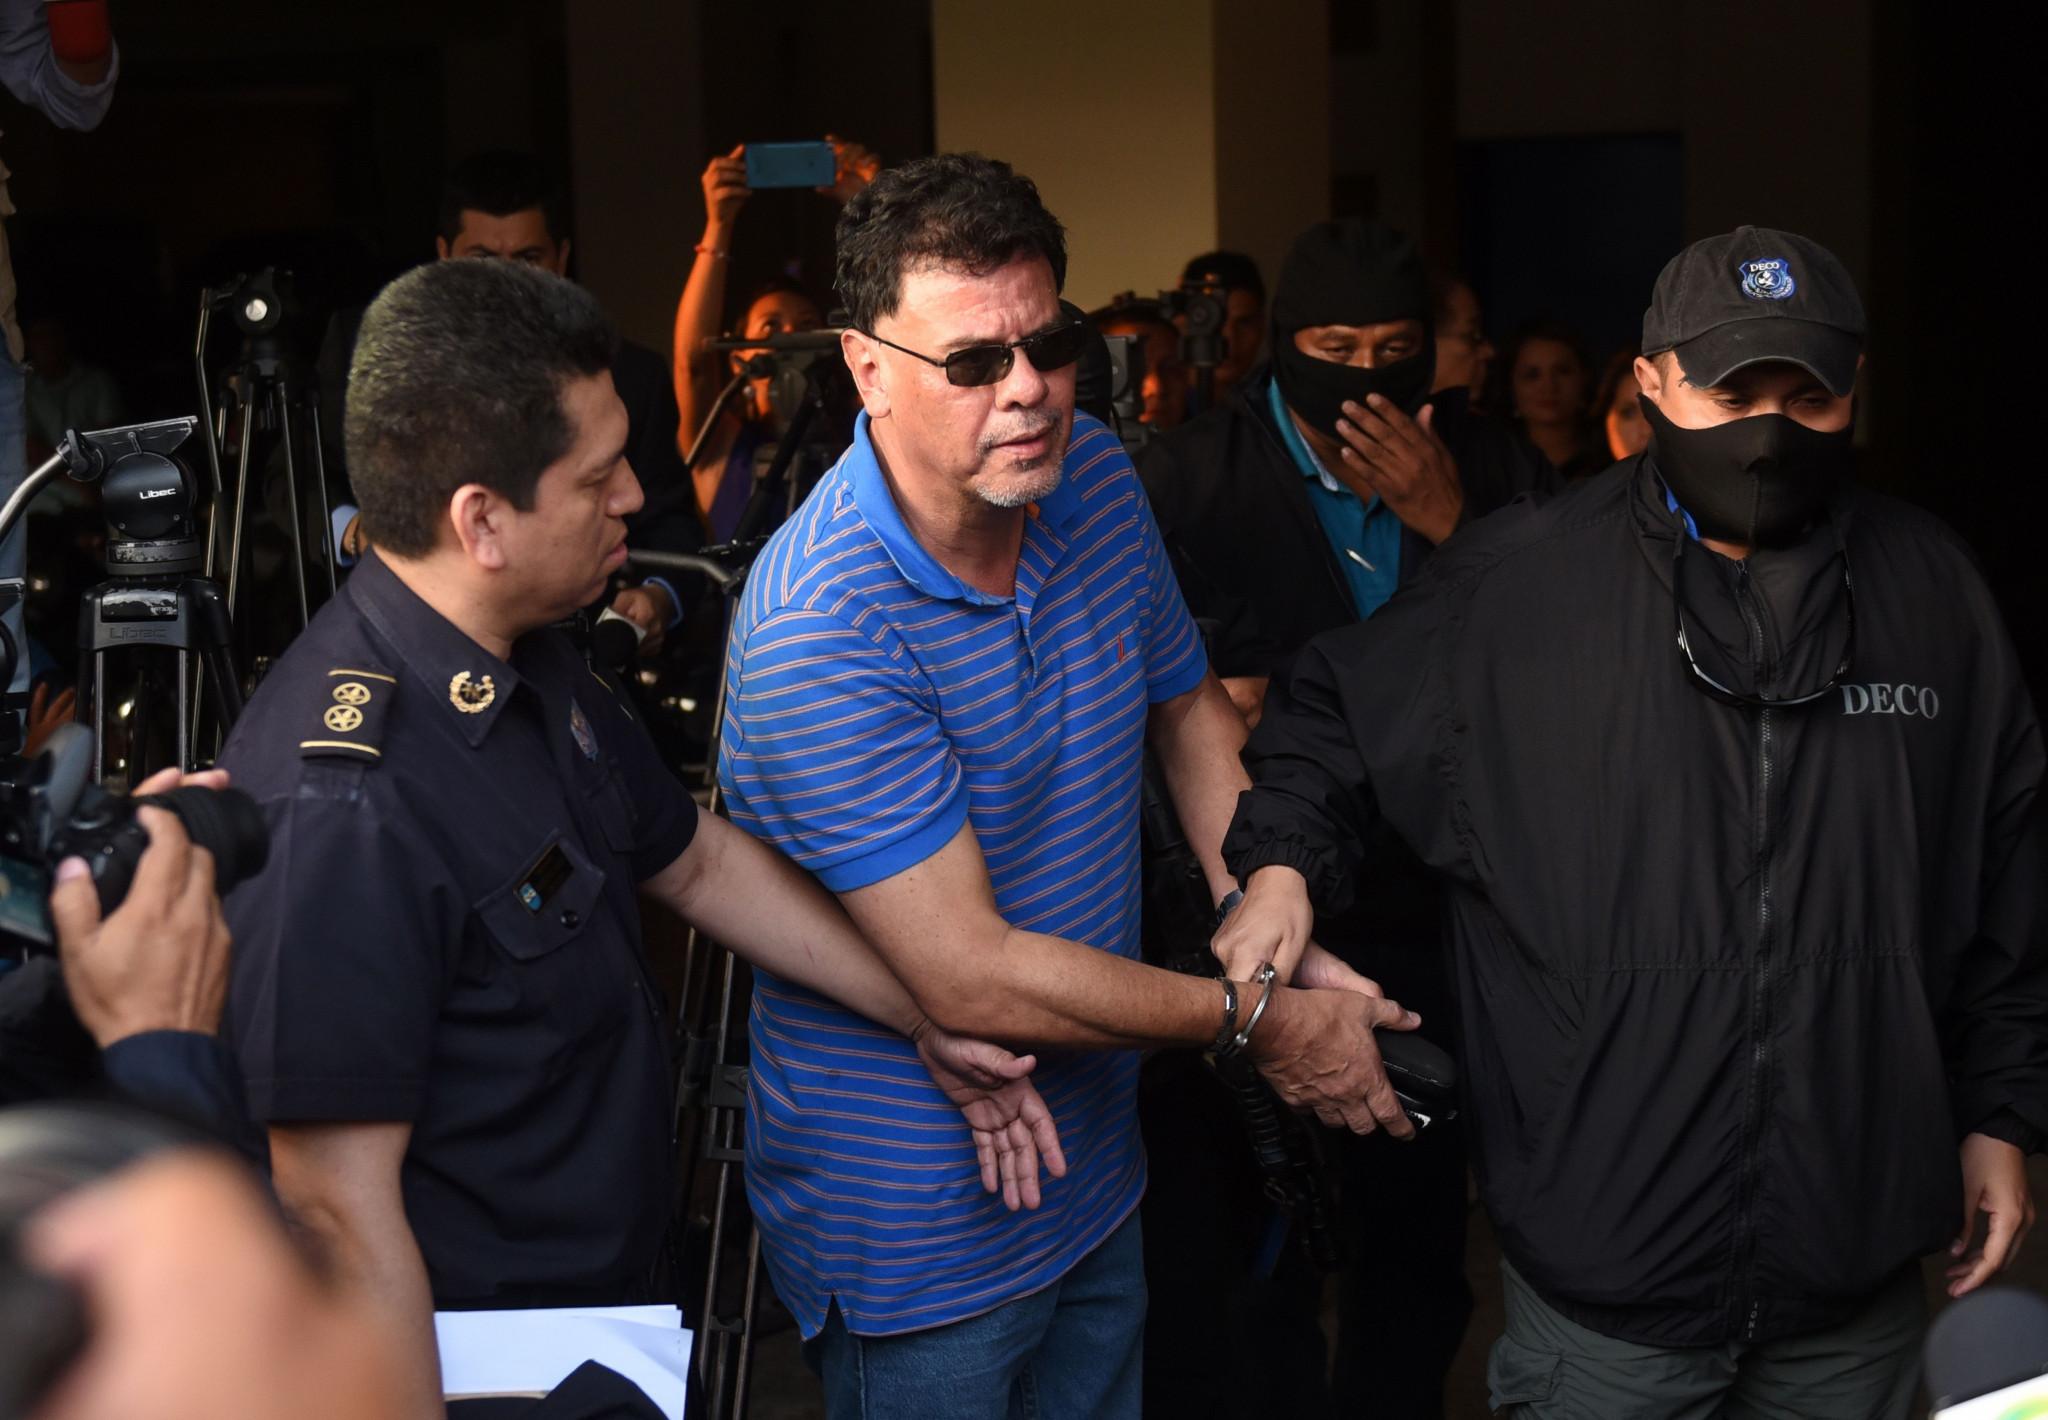 Reynaldo Vásquez fue arrestado en 2015 después de haber sido incluido en una acusación de Estados Unidos contra oficiales de fútbol © Getty Images